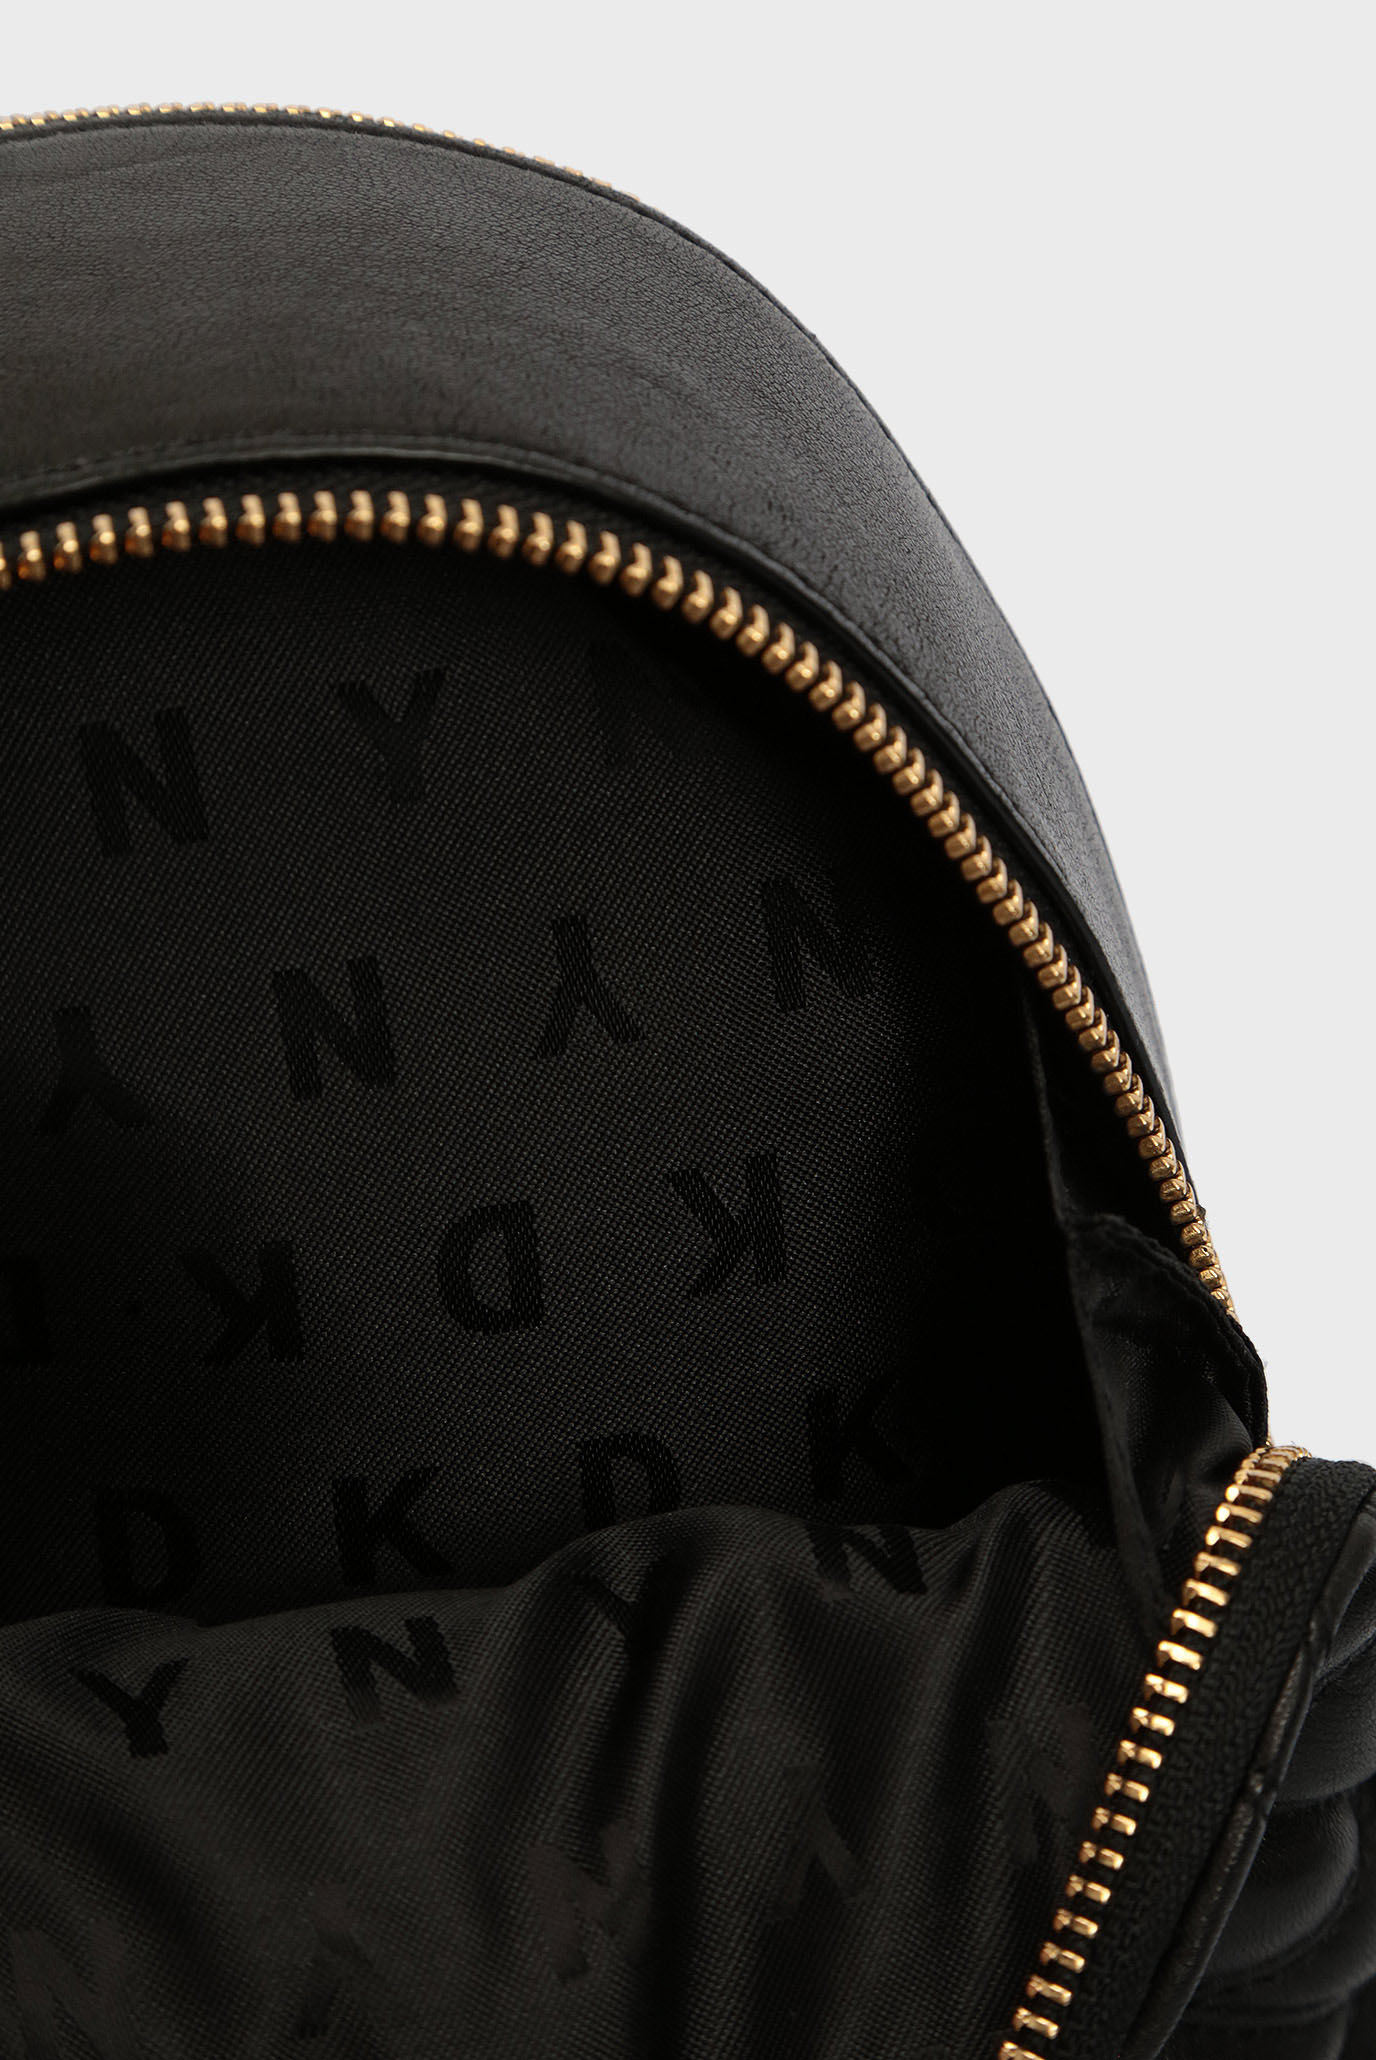 011b1ae7e49d Купить Женский черный кожаный рюкзак DKNY DKNY R3152053 – Киев, Украина.  Цены в интернет магазине MD Fashion